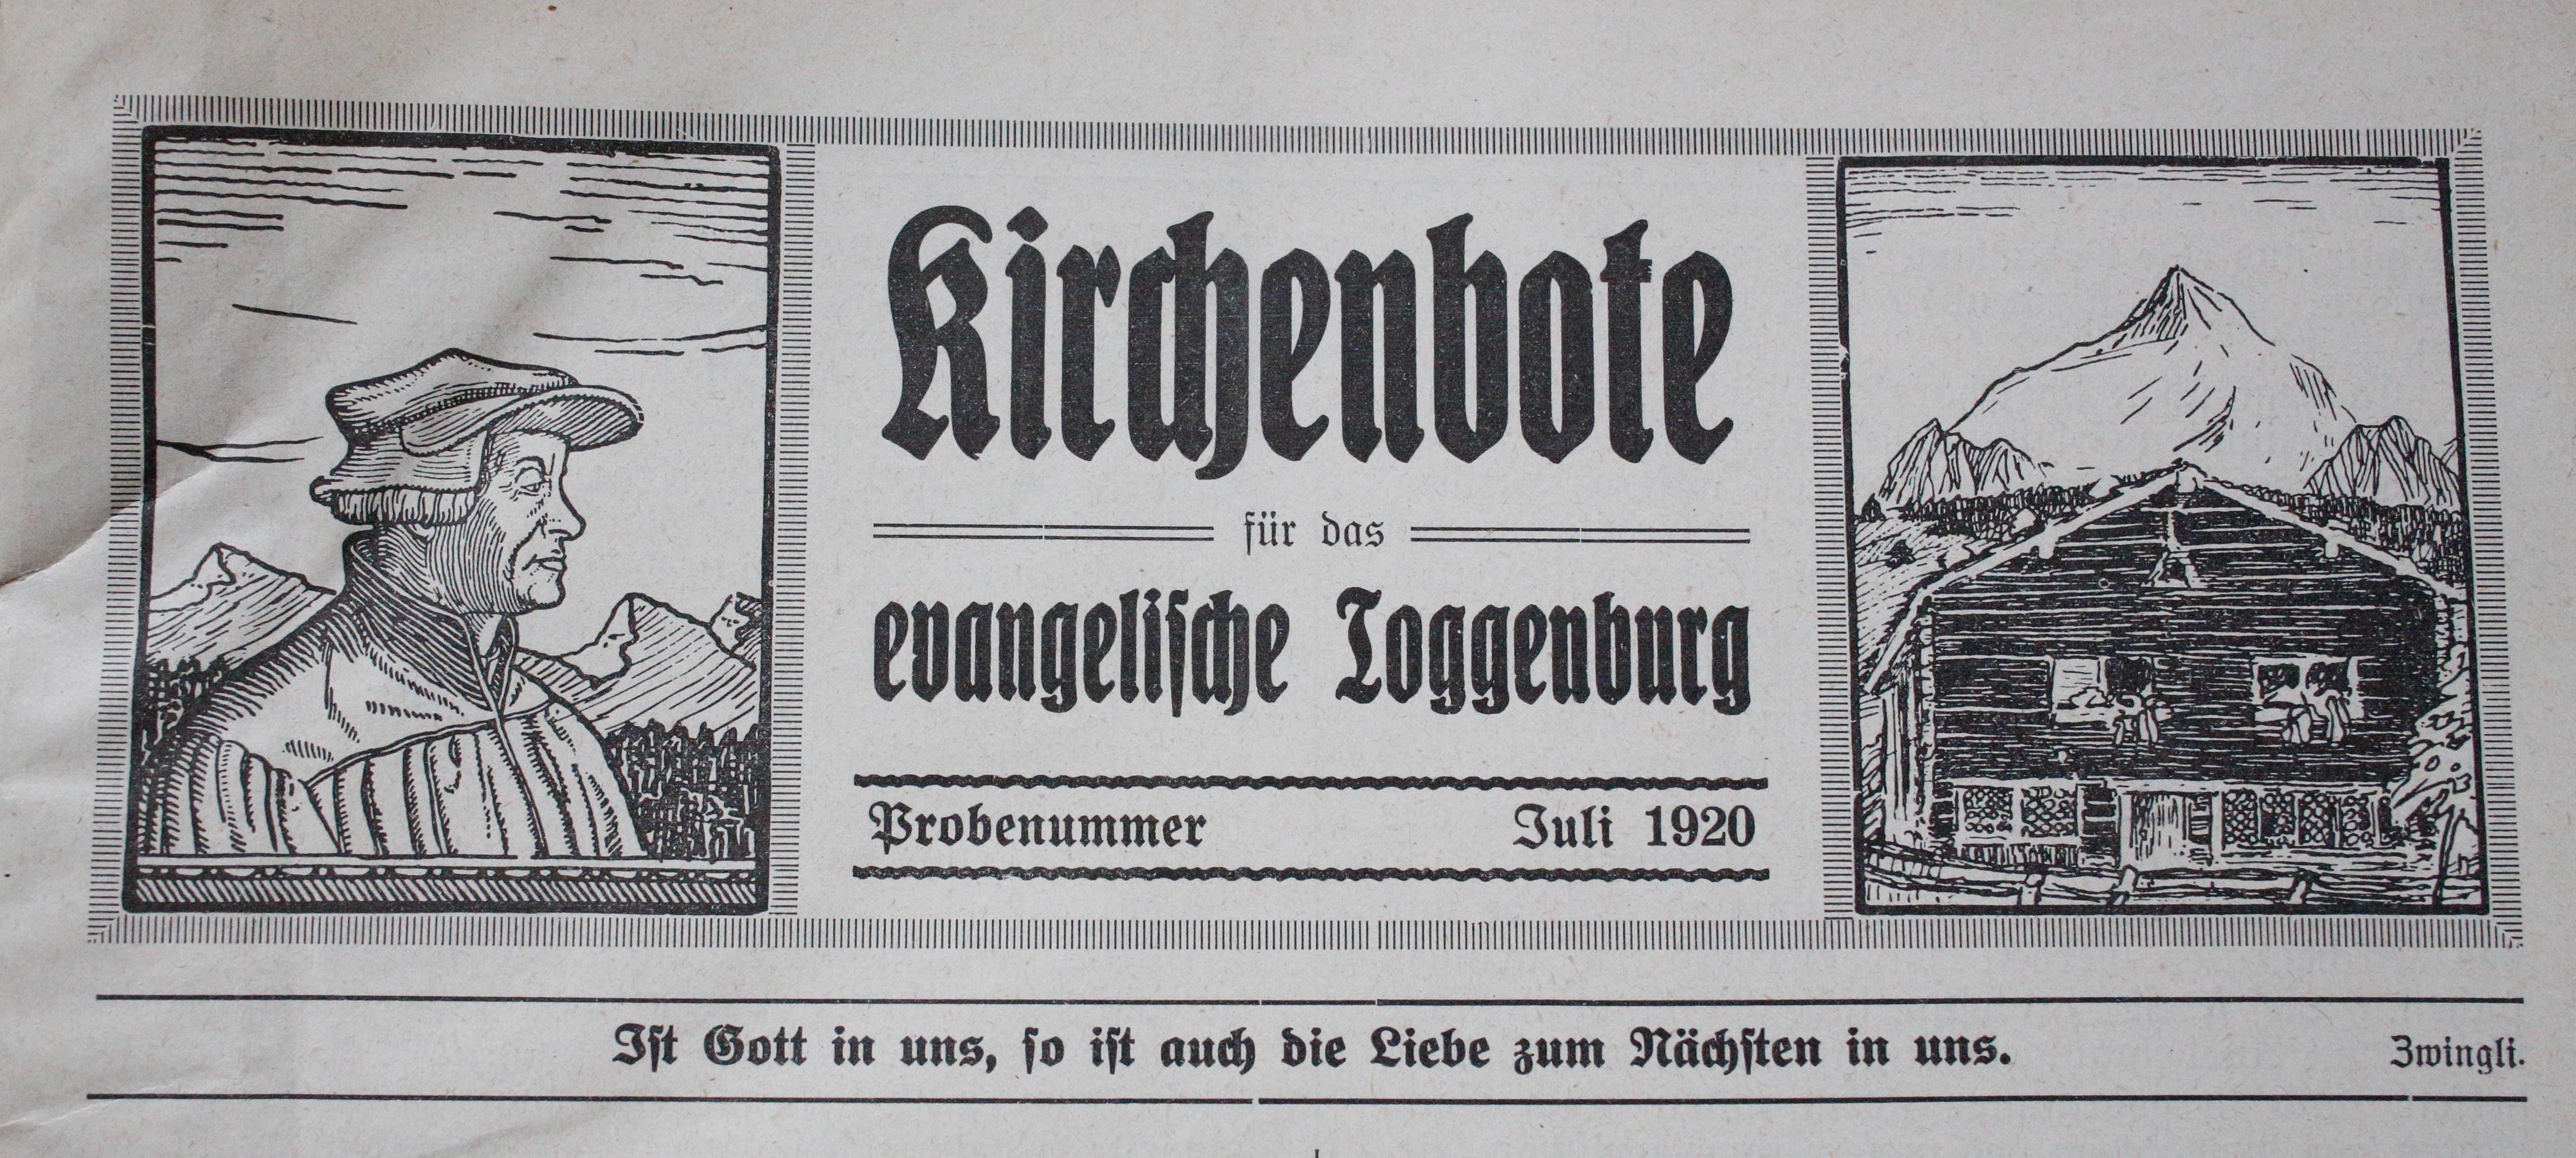 Der «Kirchenbote für das evangelische Toggenburg» erscheint von 1920 bis 1951. In den ersten Jahren sind der Zwinglikopf und das Geburtshaus des Reformators in Wildhaus (rechts im Bild) sein Markenzeichen.